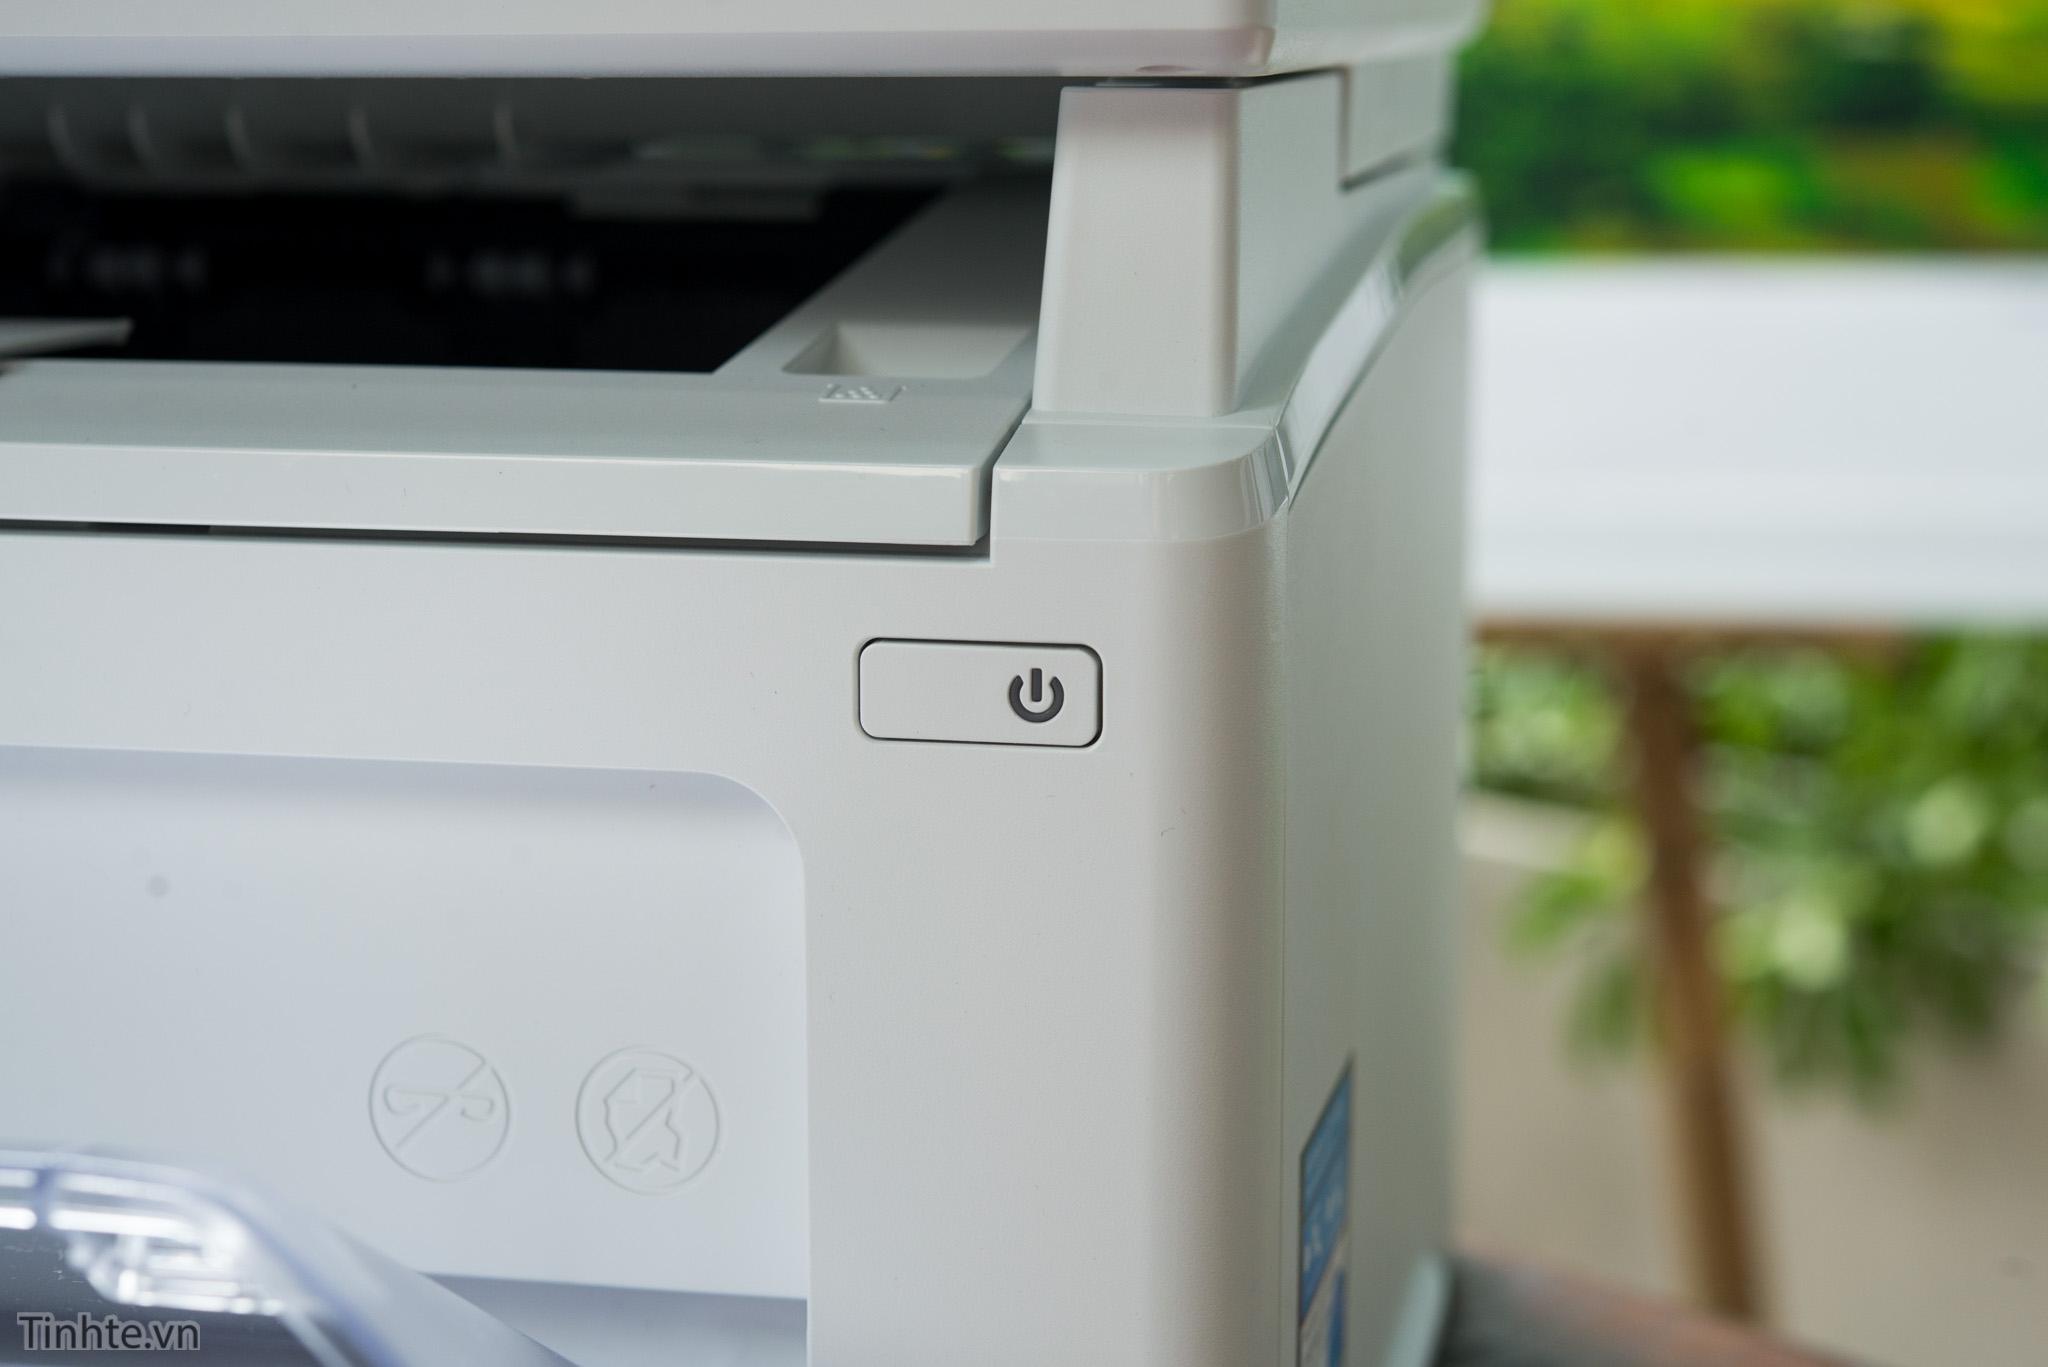 HP M130a_tinhte.vn 4.jpg